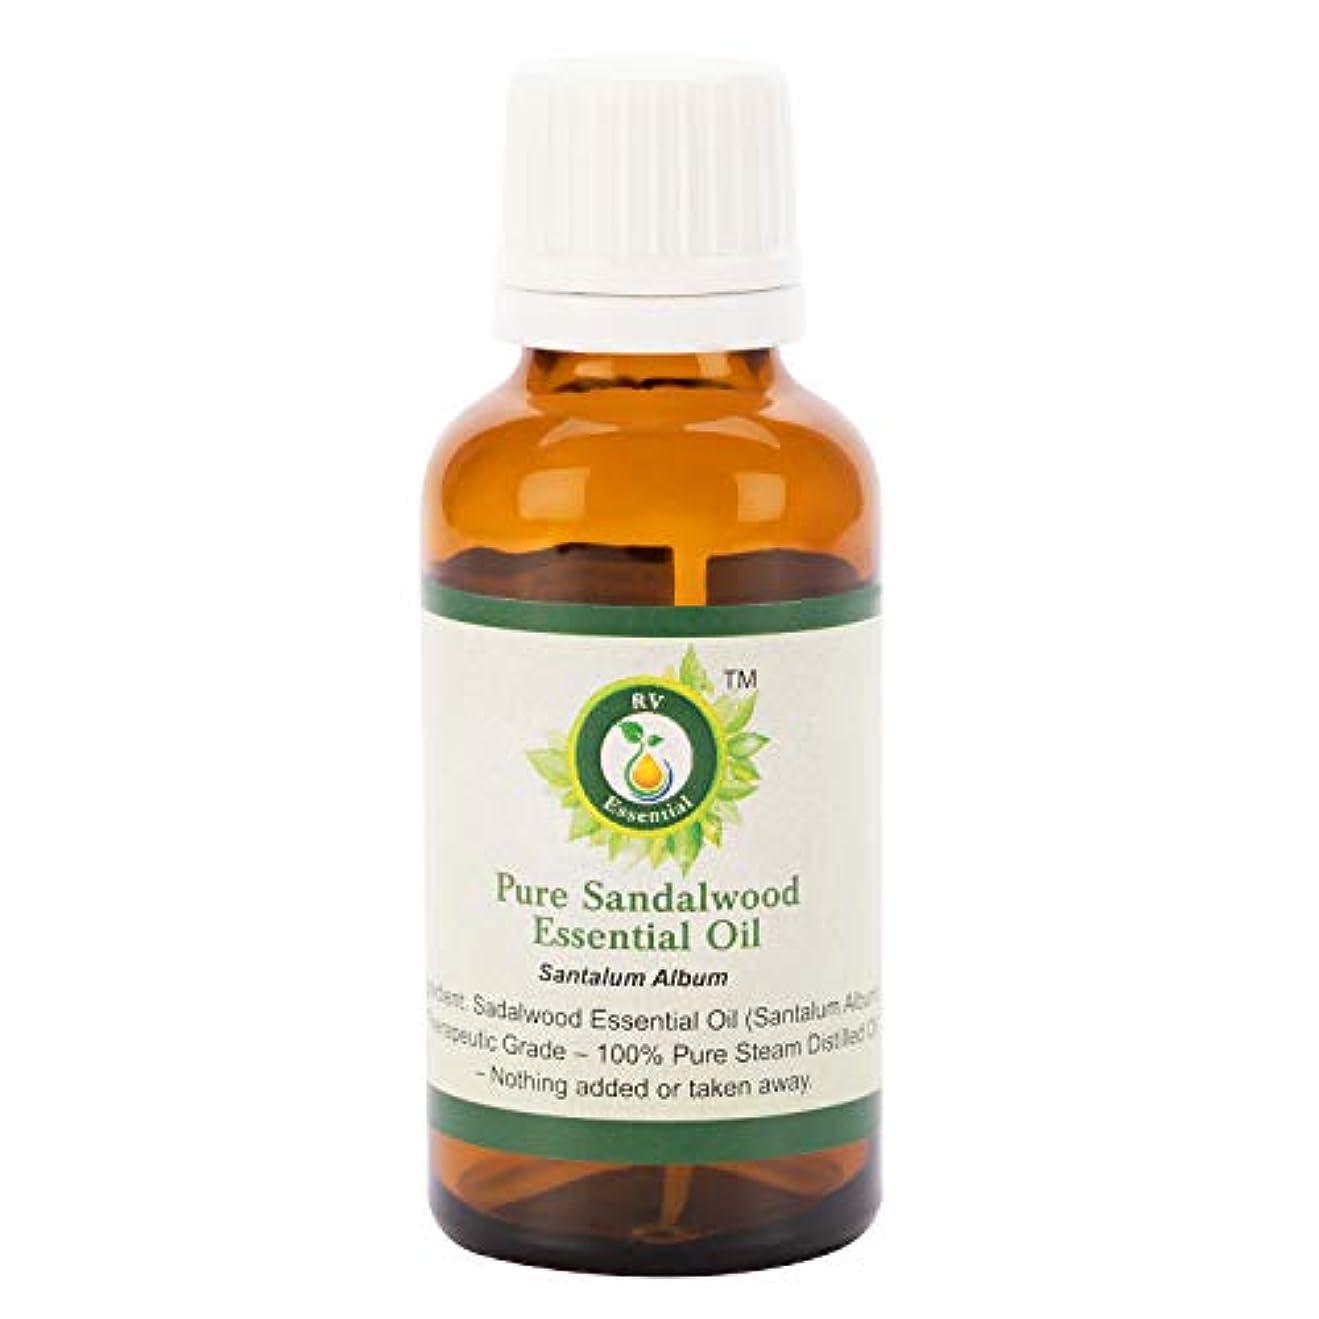 名前ジェム同盟ピュアサンダルウッドエッセンシャルオイル100ml (3.38oz)- Santalum Album (100%純粋&天然スチームDistilled) Pure Sandalwood Essential Oil